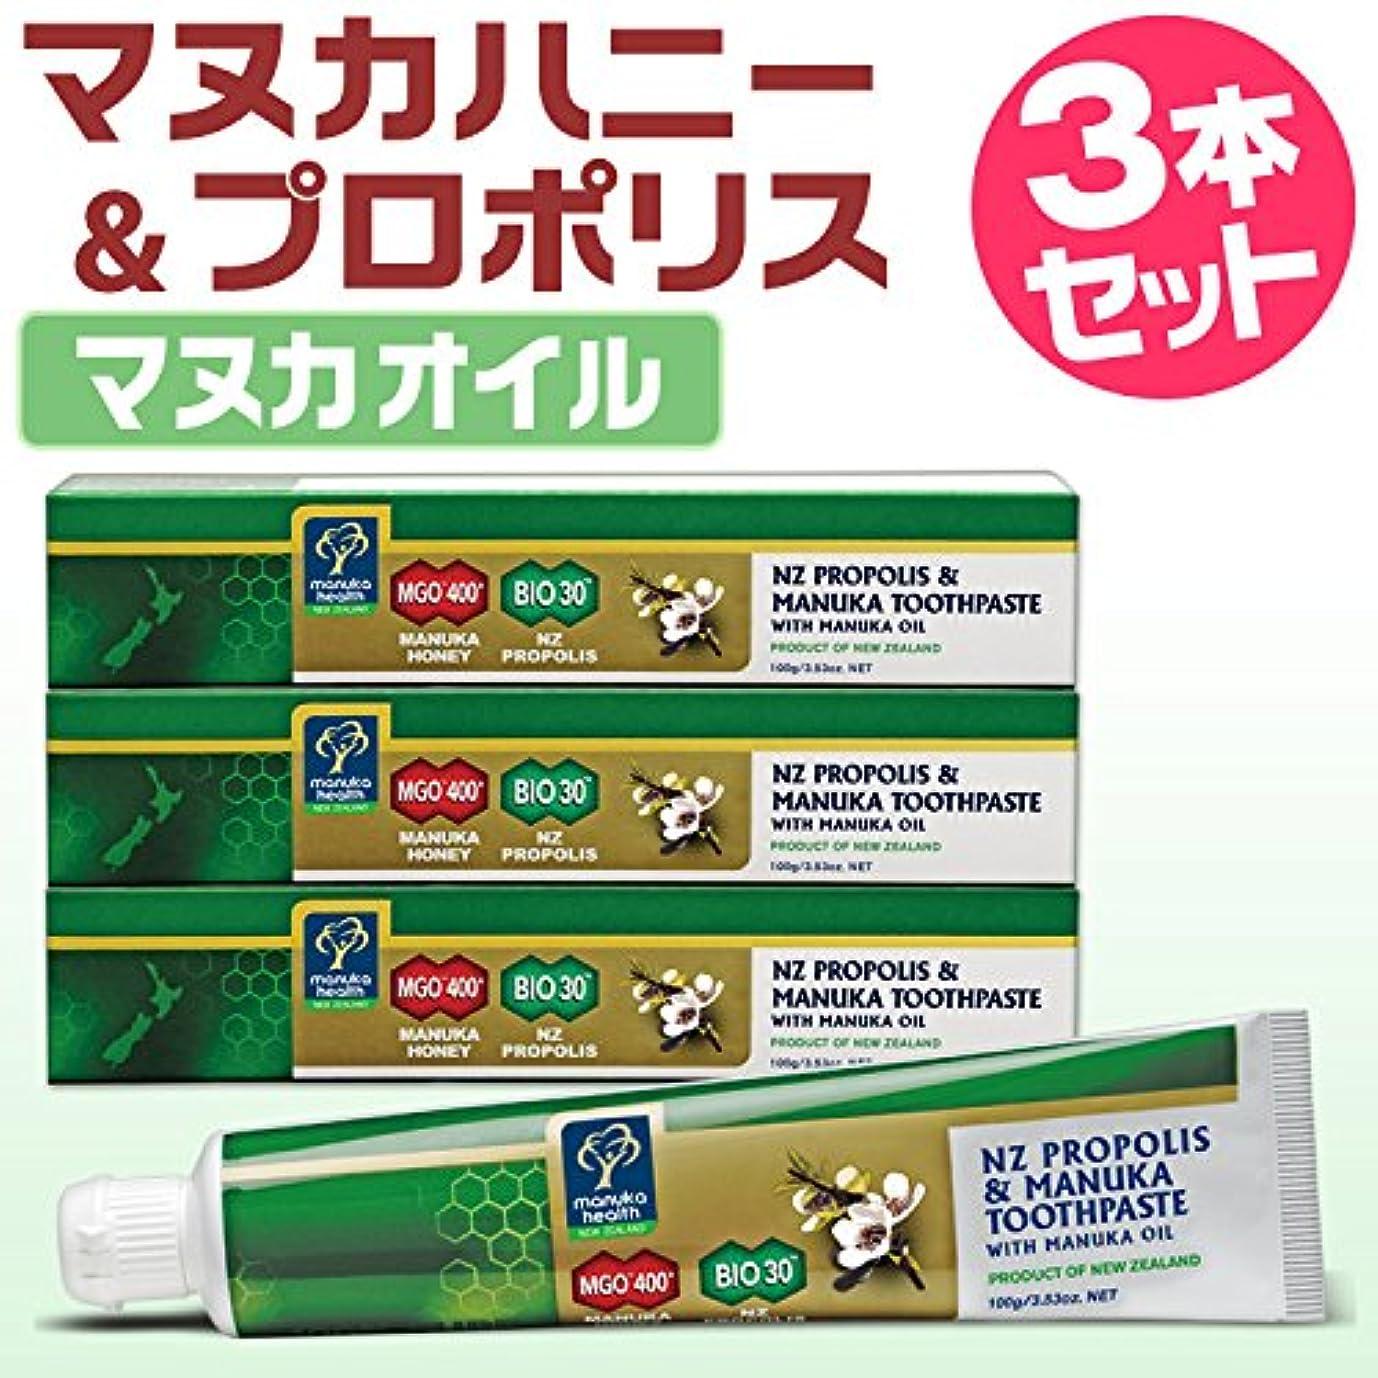 運動手食べるプロポリス&マヌカハニー MGO400+ マヌカオイル 歯磨き粉[100g]◆3本セット◆緑